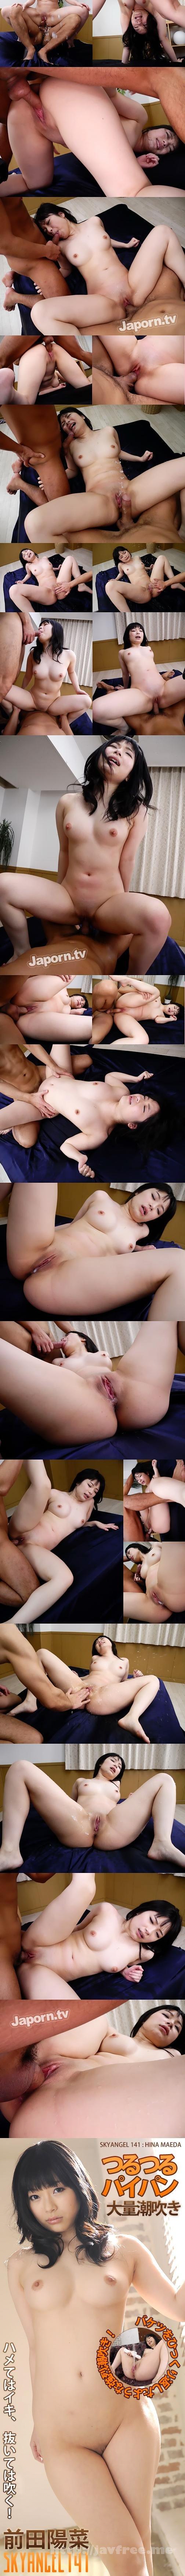 [SKYHD-081] スカイエンジェル ブルー Vol.81 : 前田陽菜 (ブルーレイディスク版)